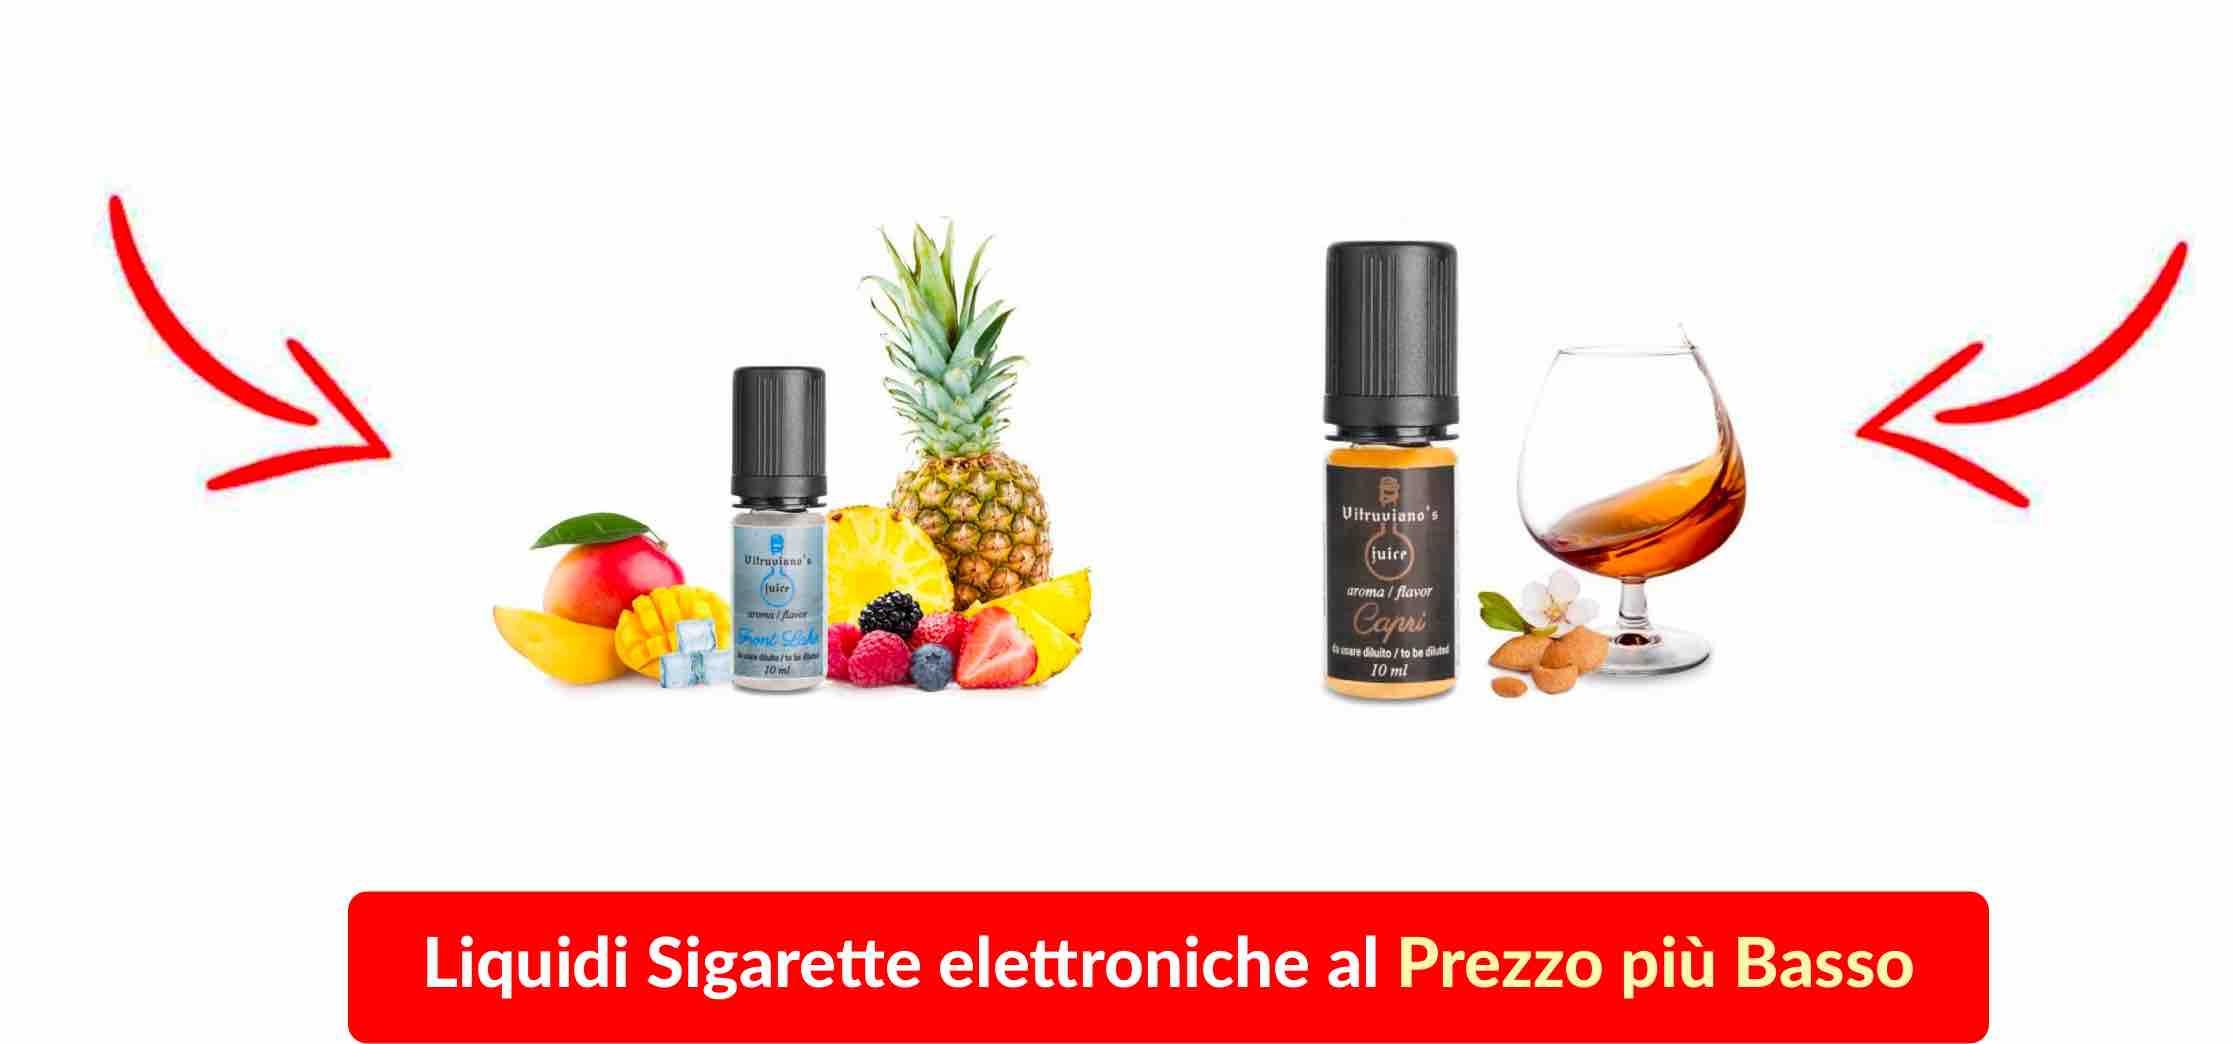 liquidi per sigarette elettroniche